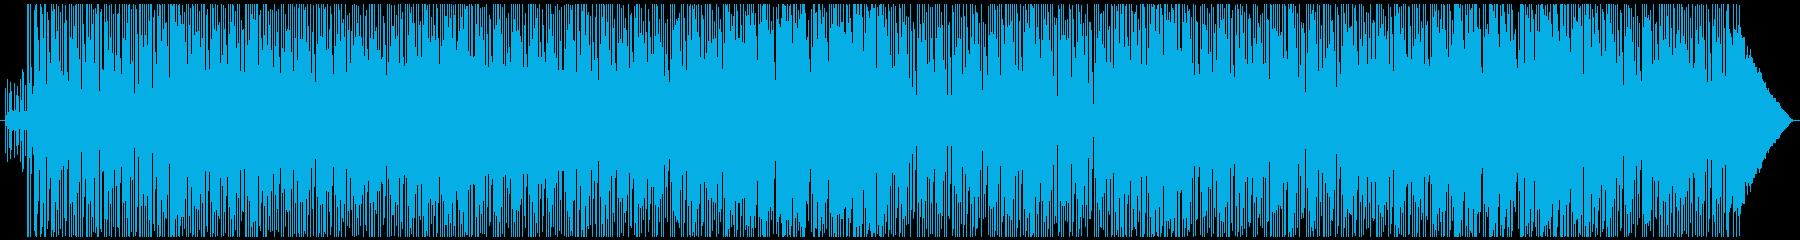 ノリの良い伸びやかなオリジナルインスト曲の再生済みの波形